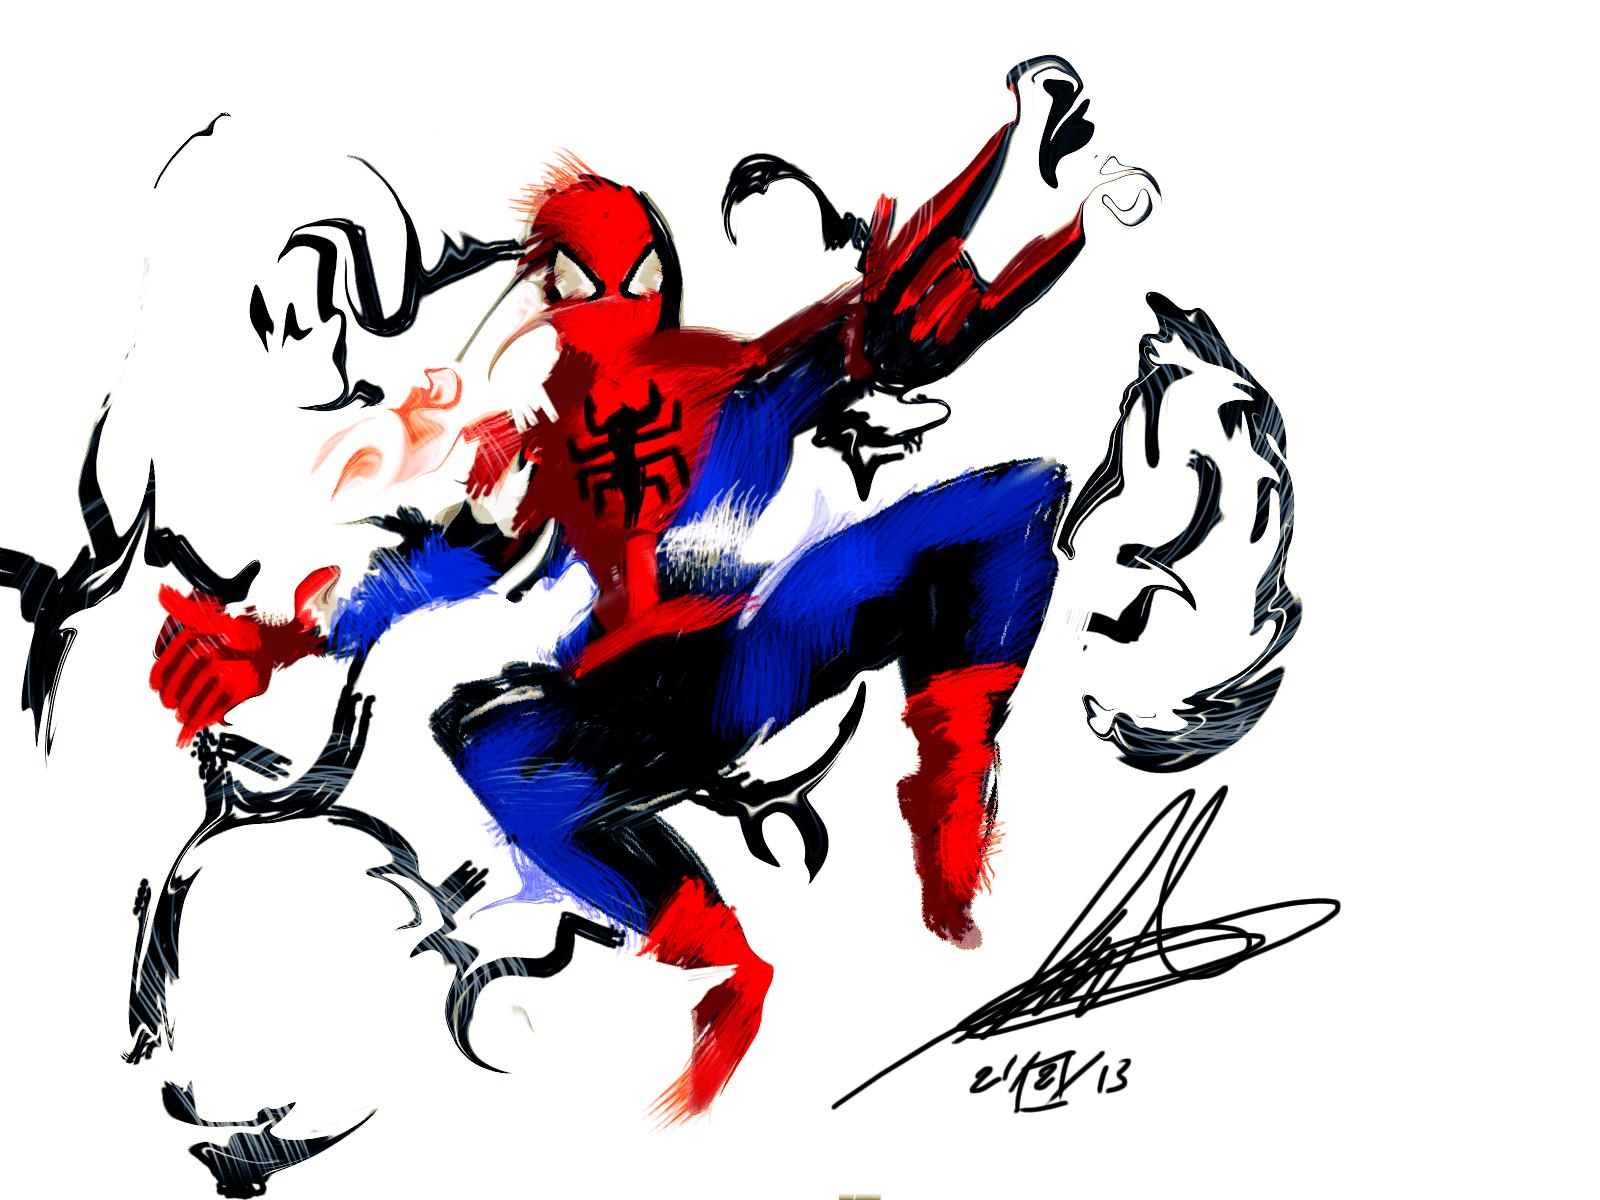 Your neighbourhood spiderman